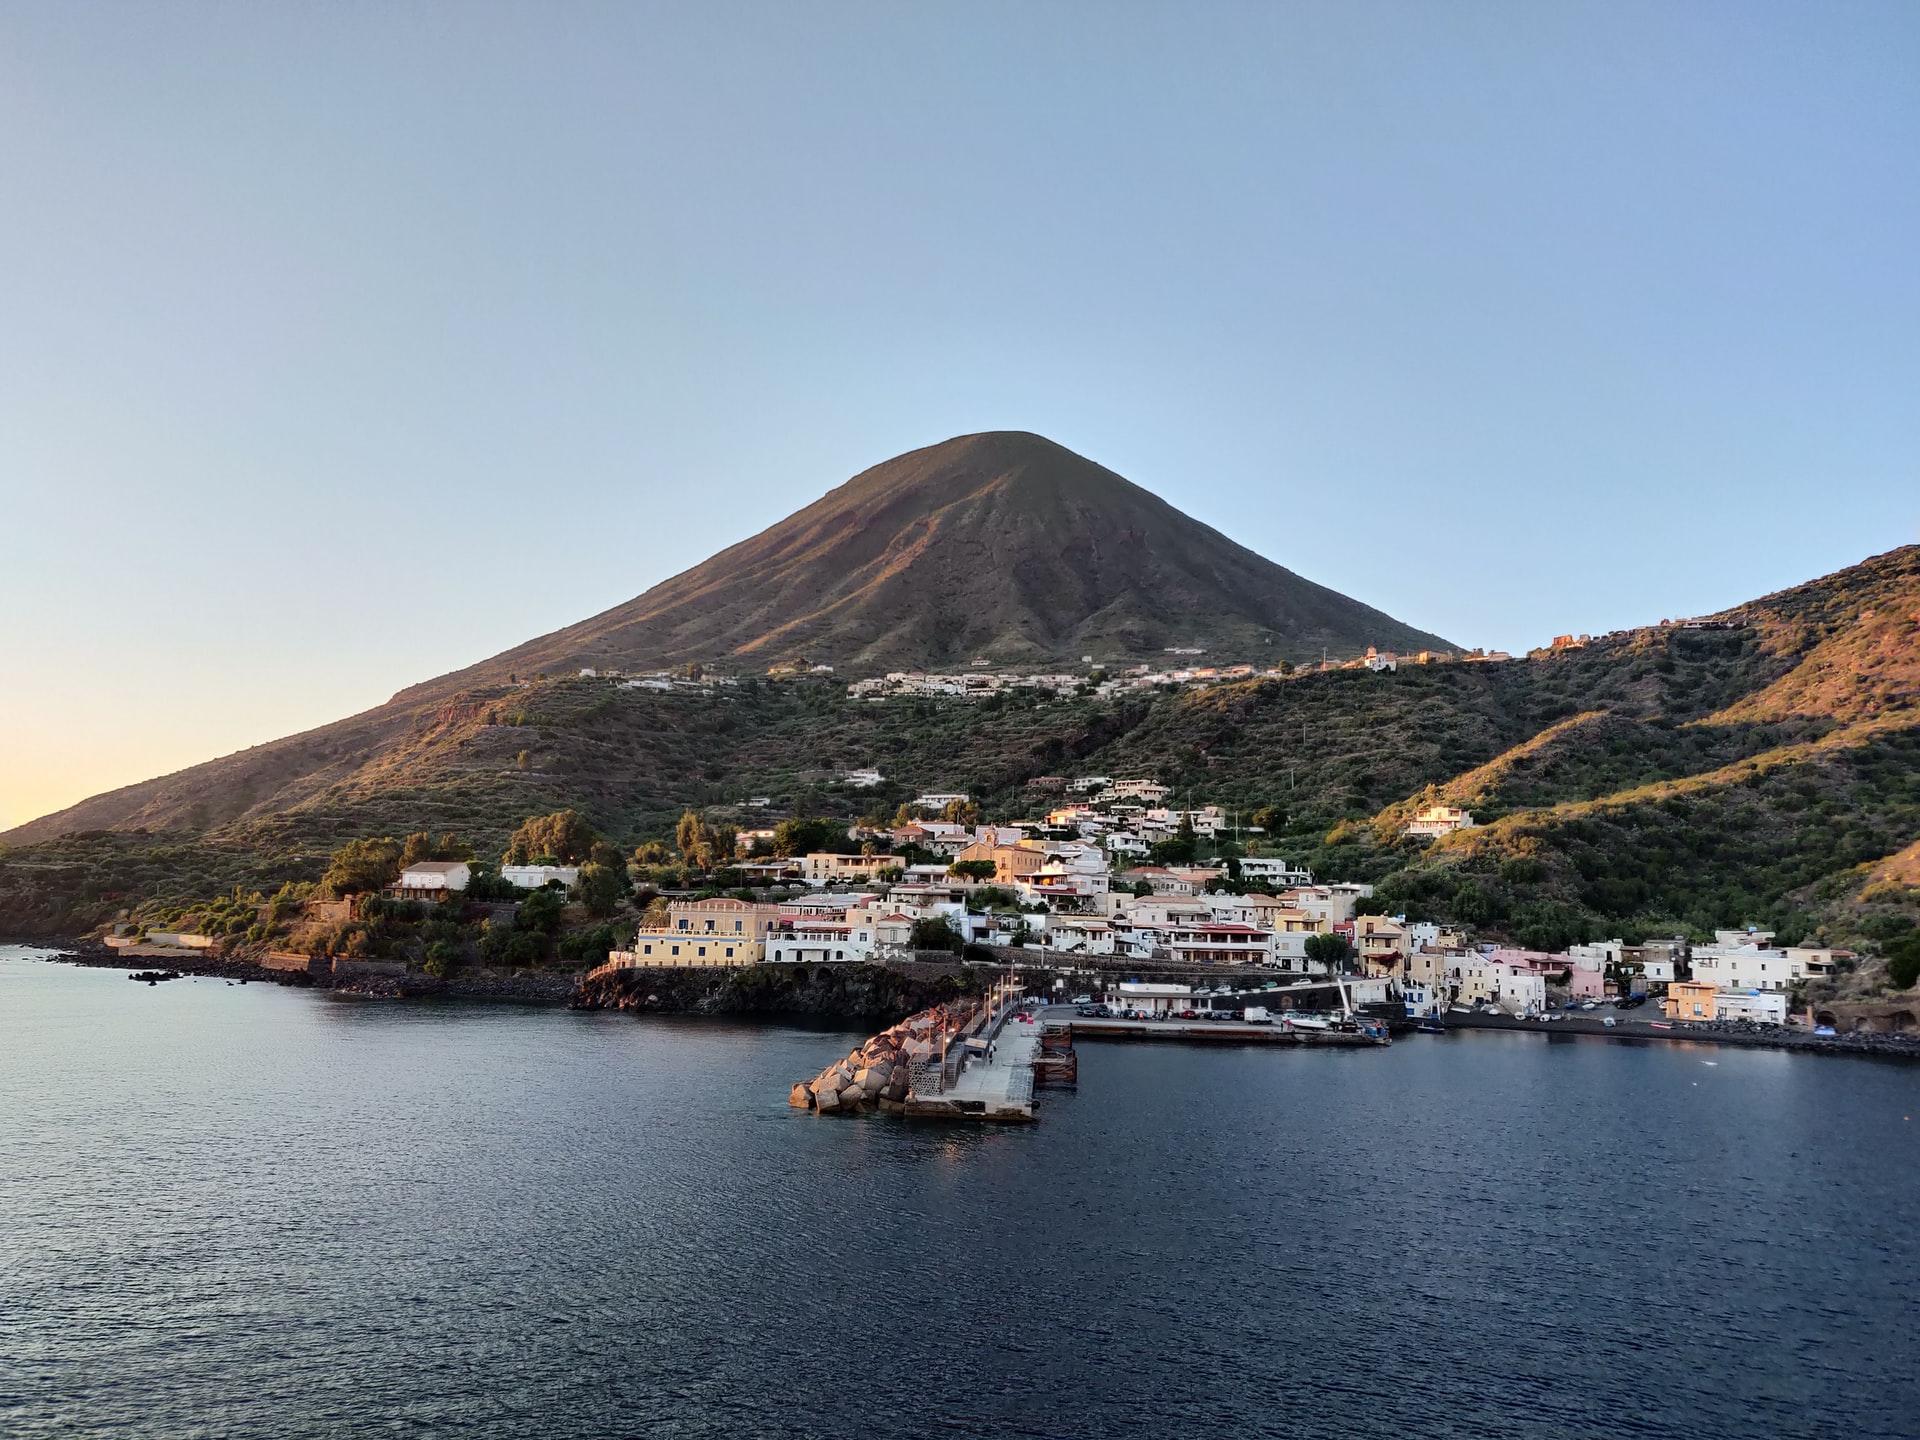 salina isole siciliane